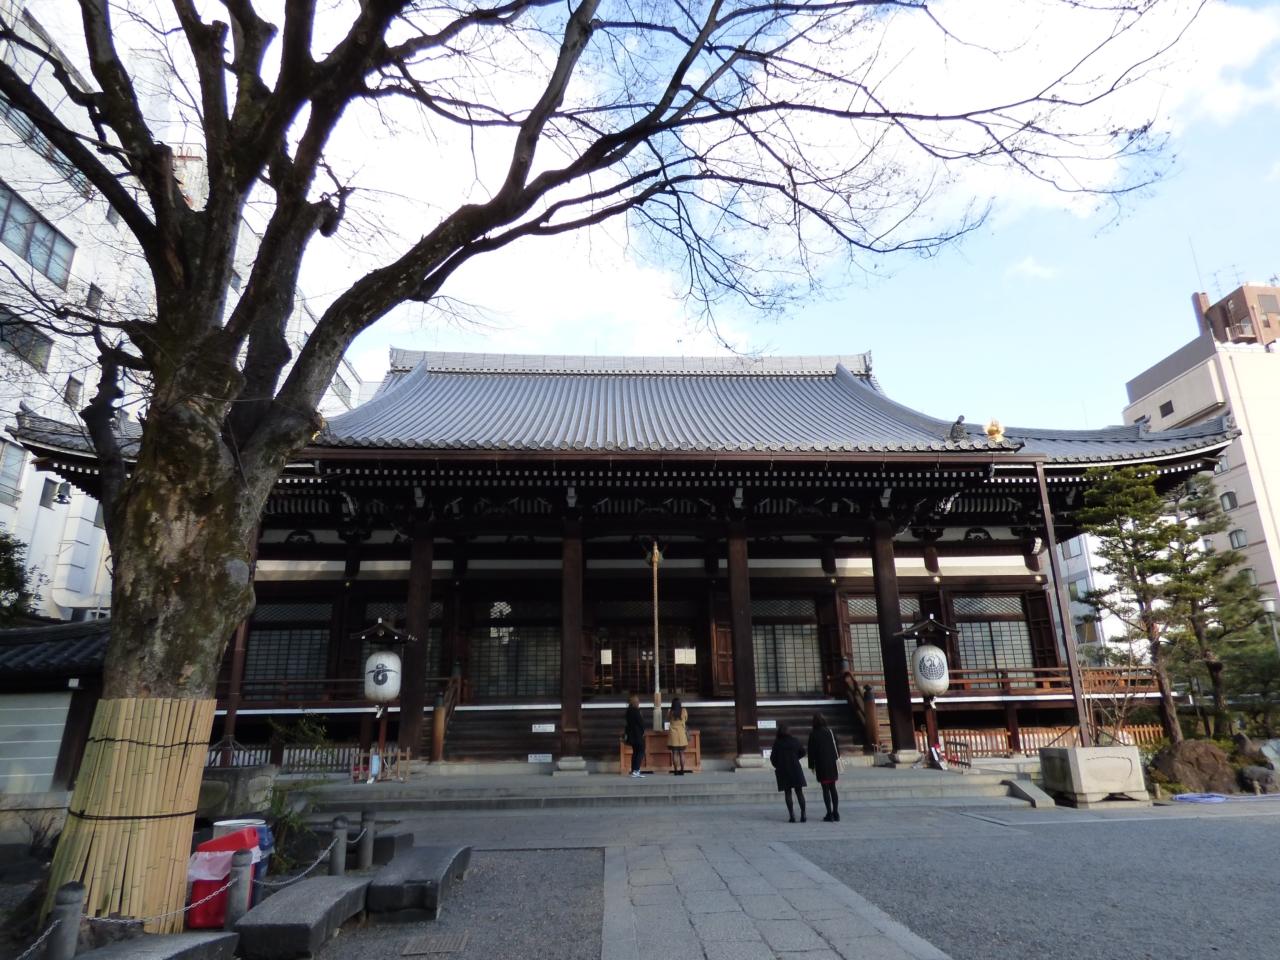 本能寺 本殿